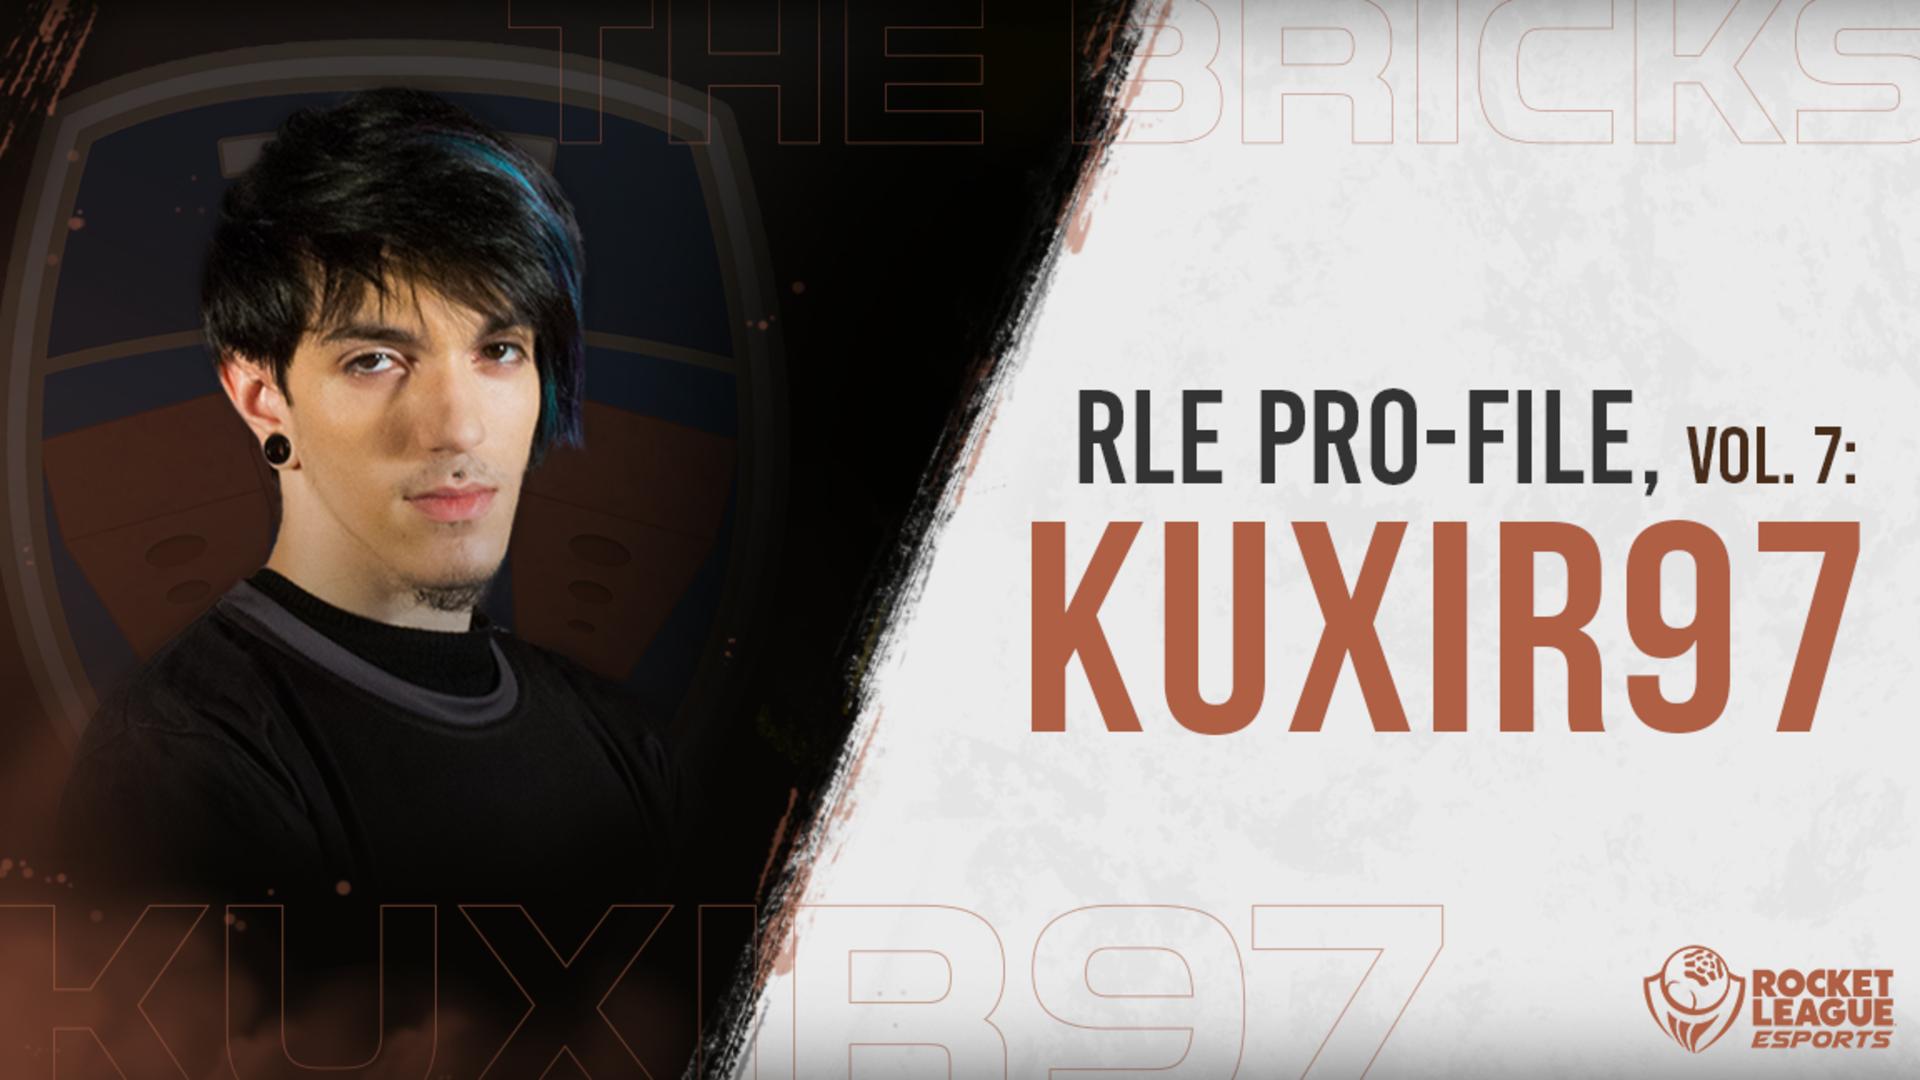 RLE Pro-File, Vol. 7: kuxir97  Image